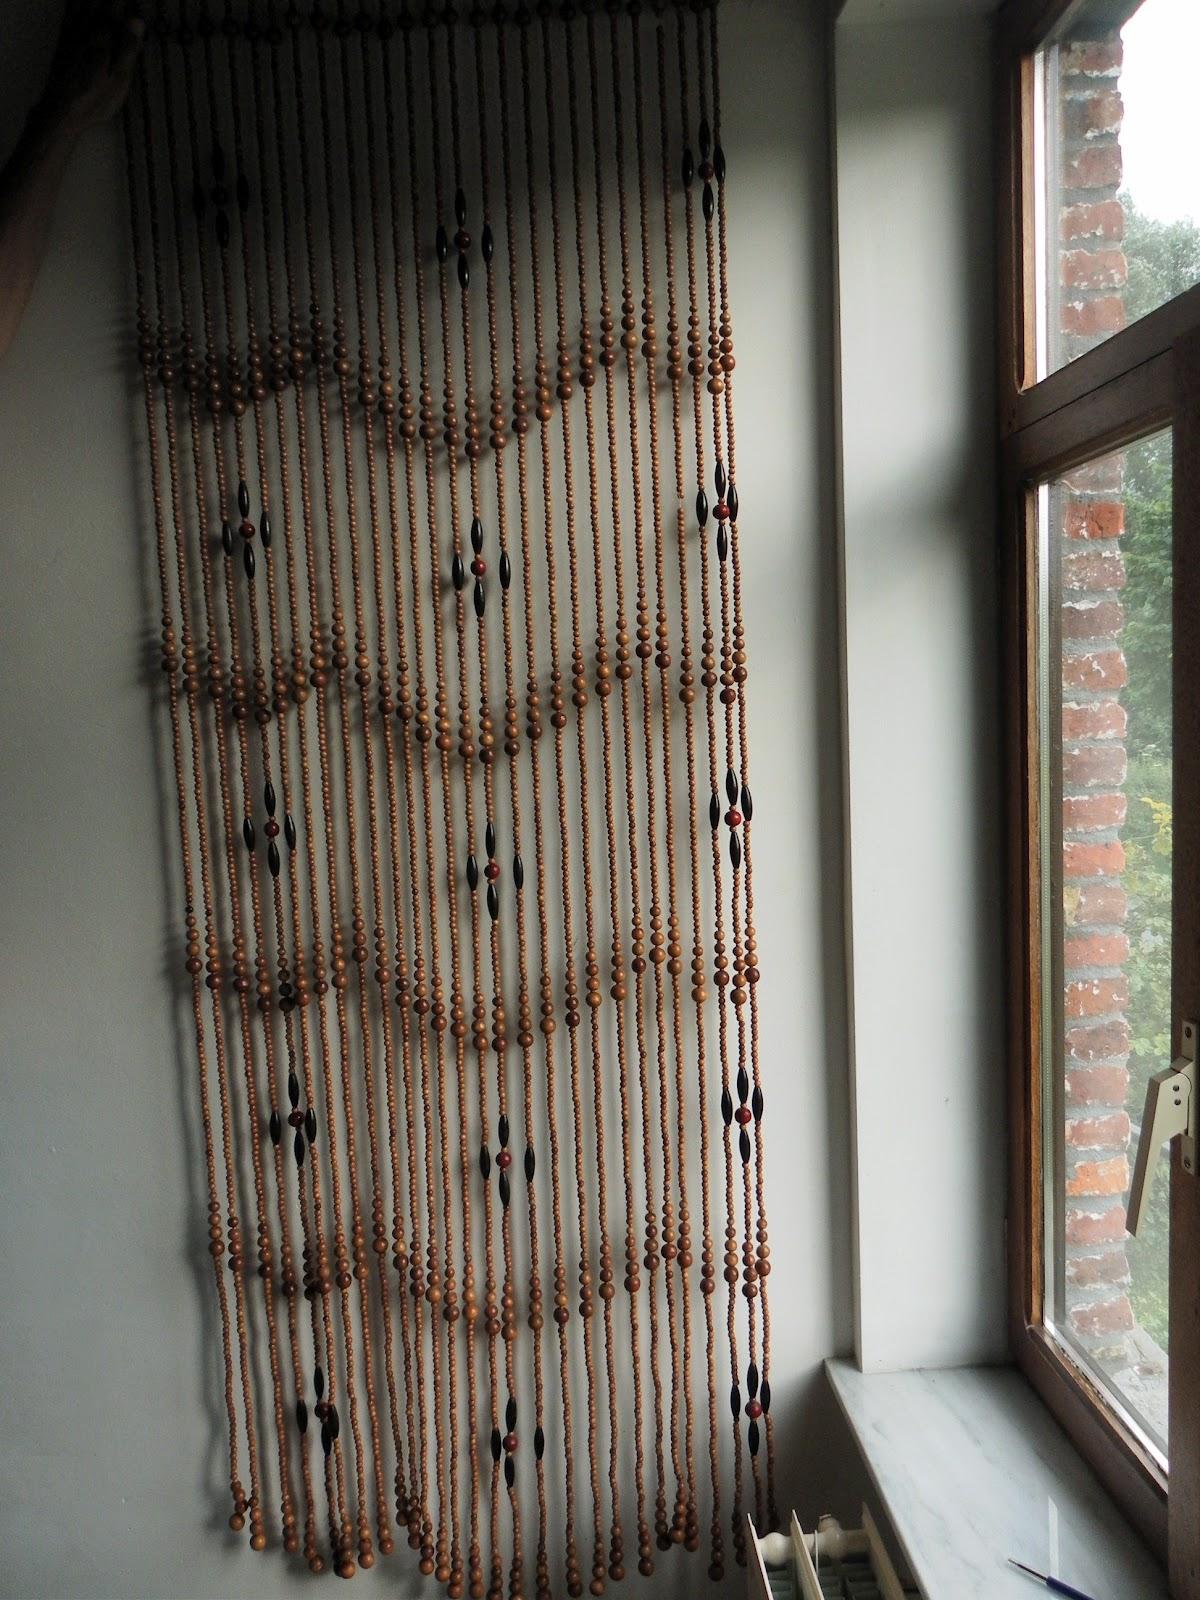 lucie la chineuse beau rideau de porte de perles en bois. Black Bedroom Furniture Sets. Home Design Ideas